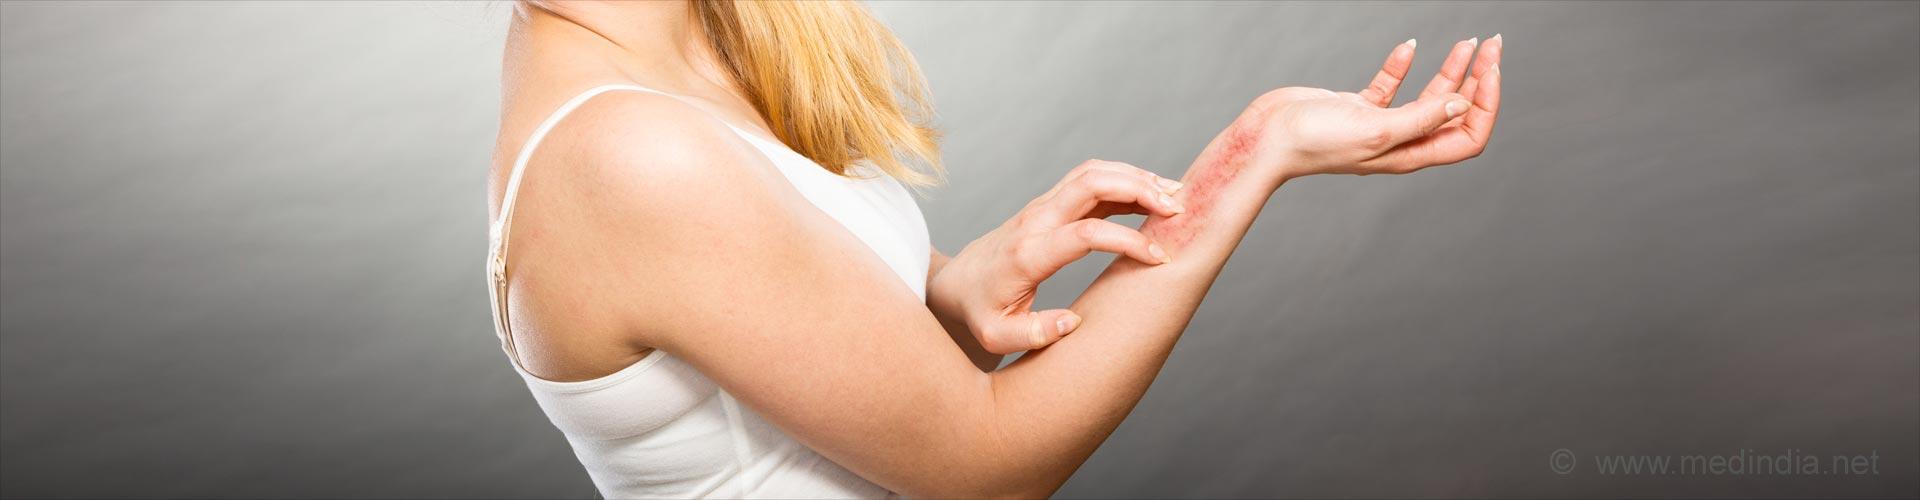 Dermatitis. Treatment, prevention, symptoms